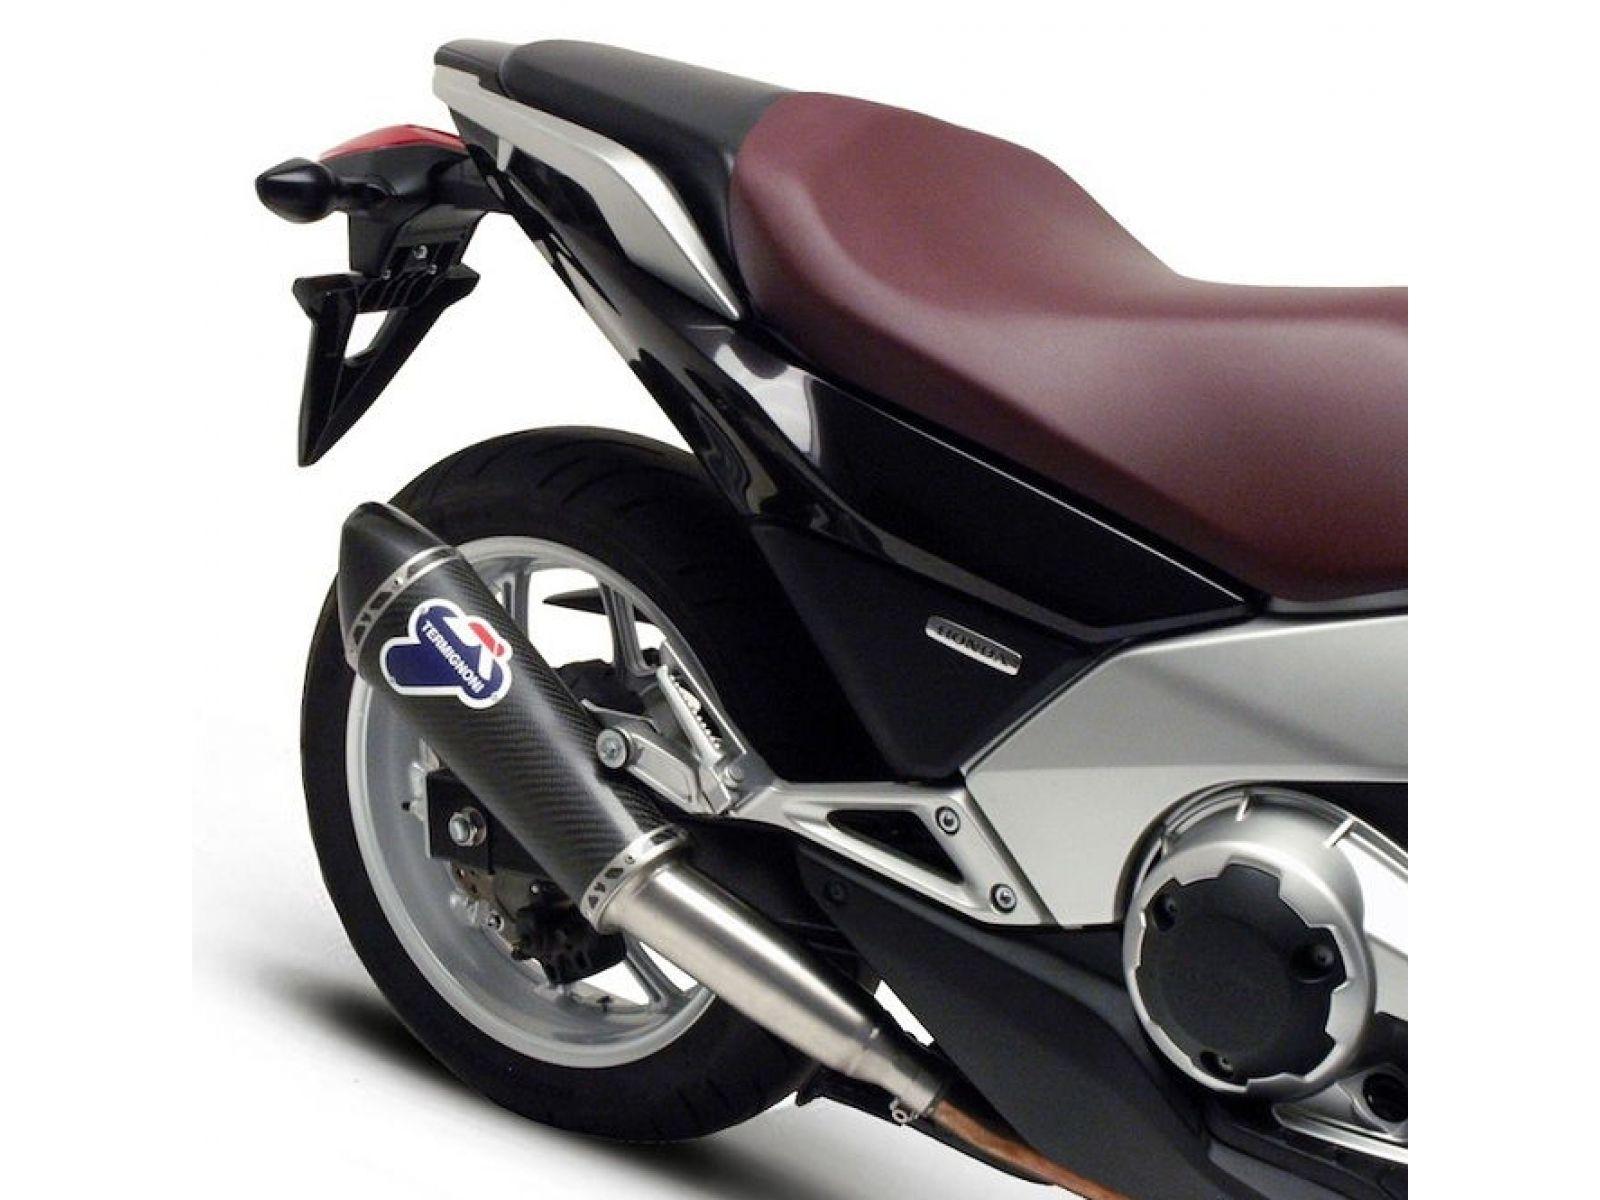 Глушитель Termignoni для Honda NC700 Integra 12-13